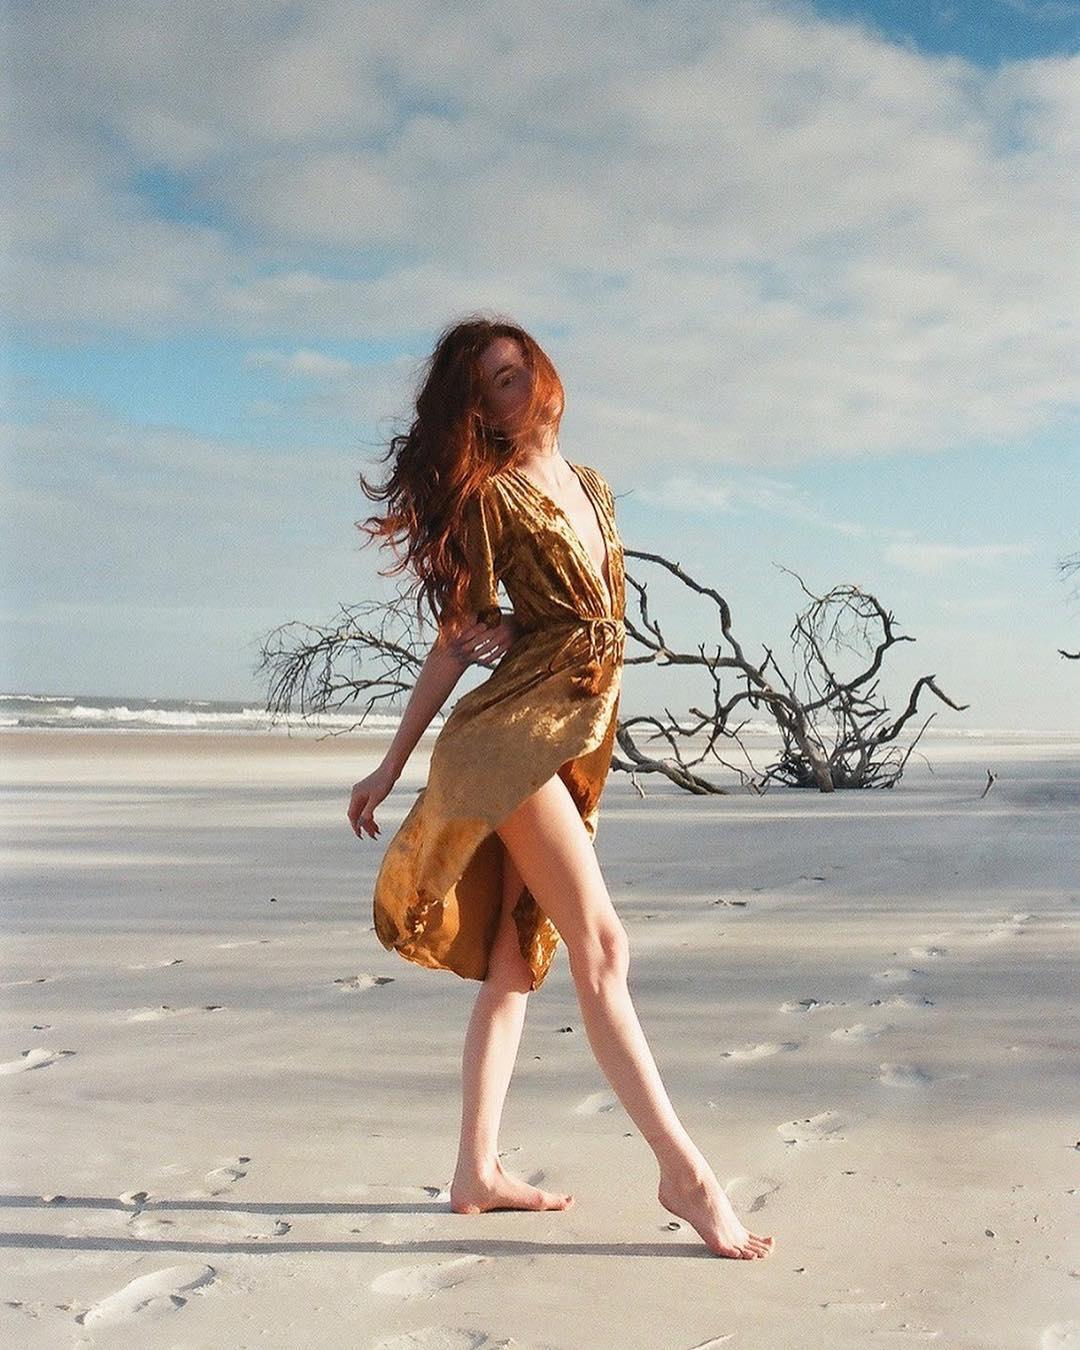 Чувственные снимки девушек от Джастина Каммингса